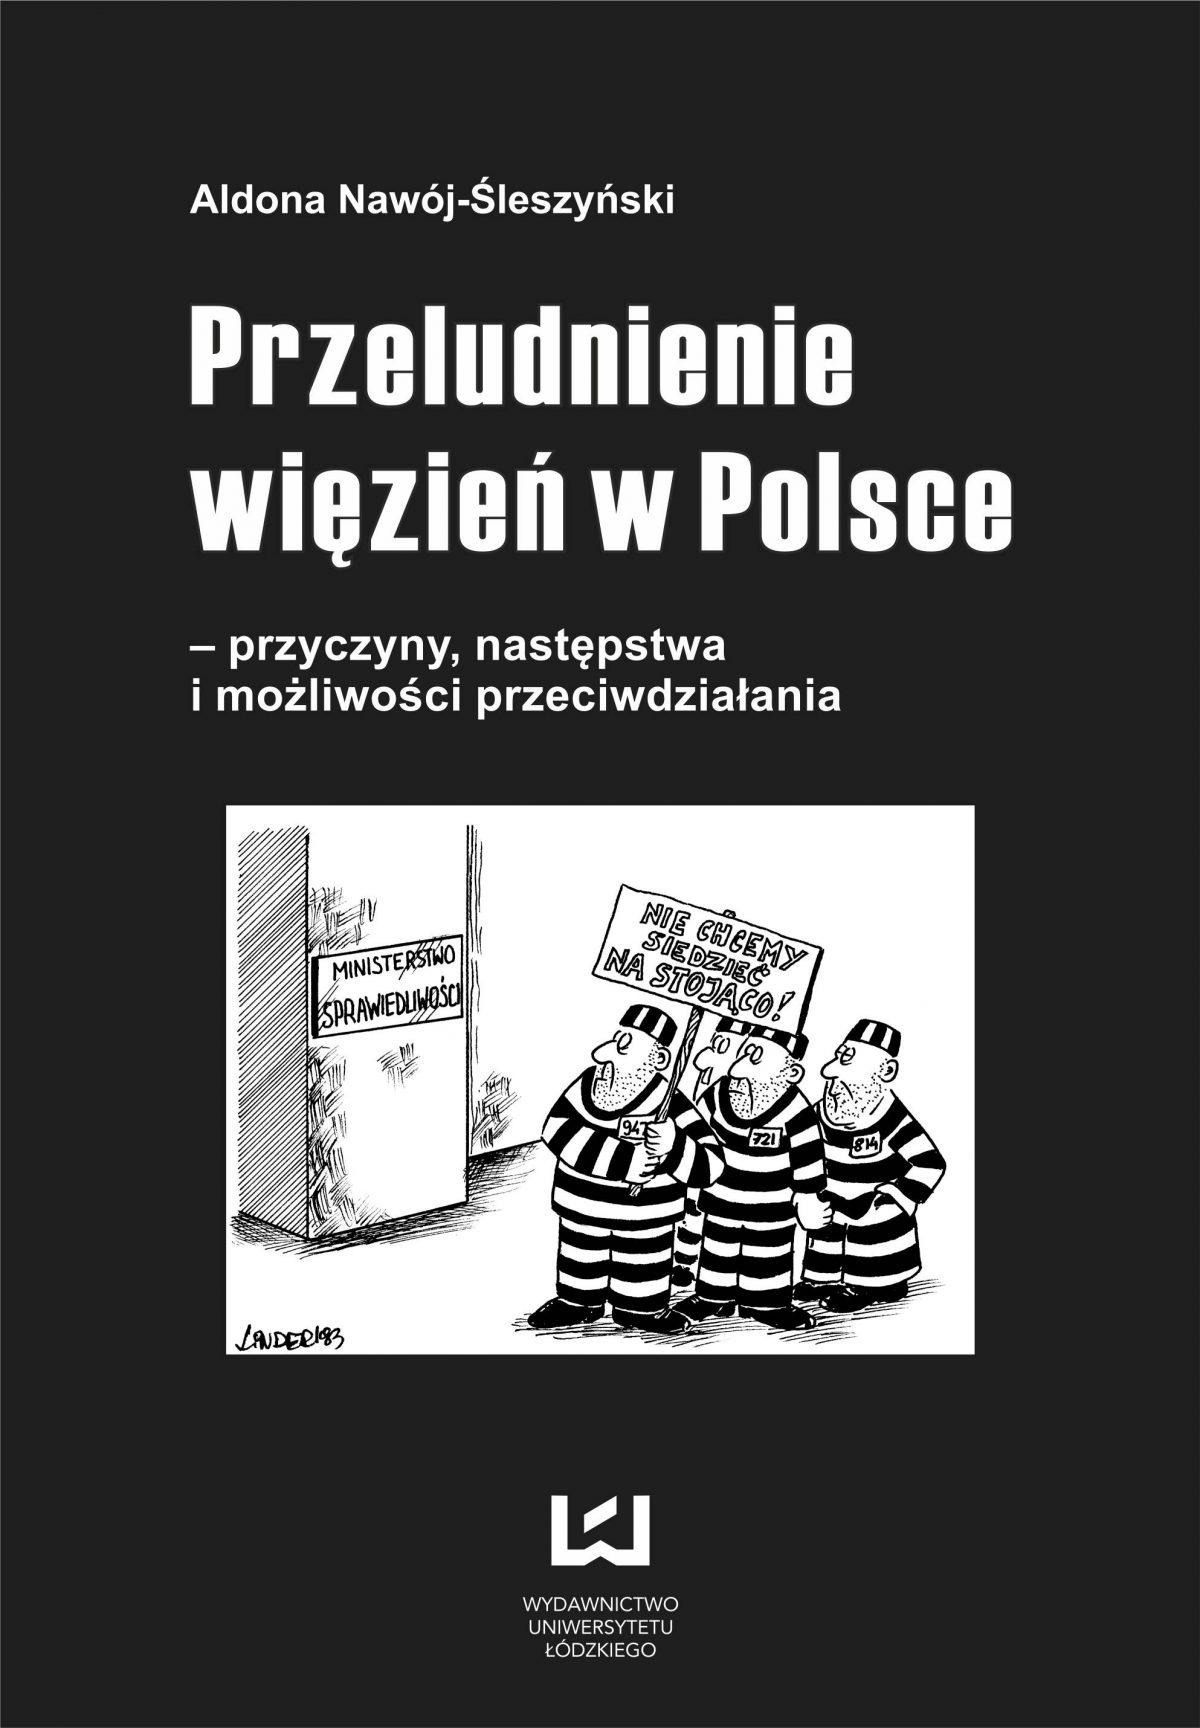 Przeludnienie więzień w Polsce – przyczyny, następstwa i możliwości przeciwdziałania - Ebook (Książka PDF) do pobrania w formacie PDF